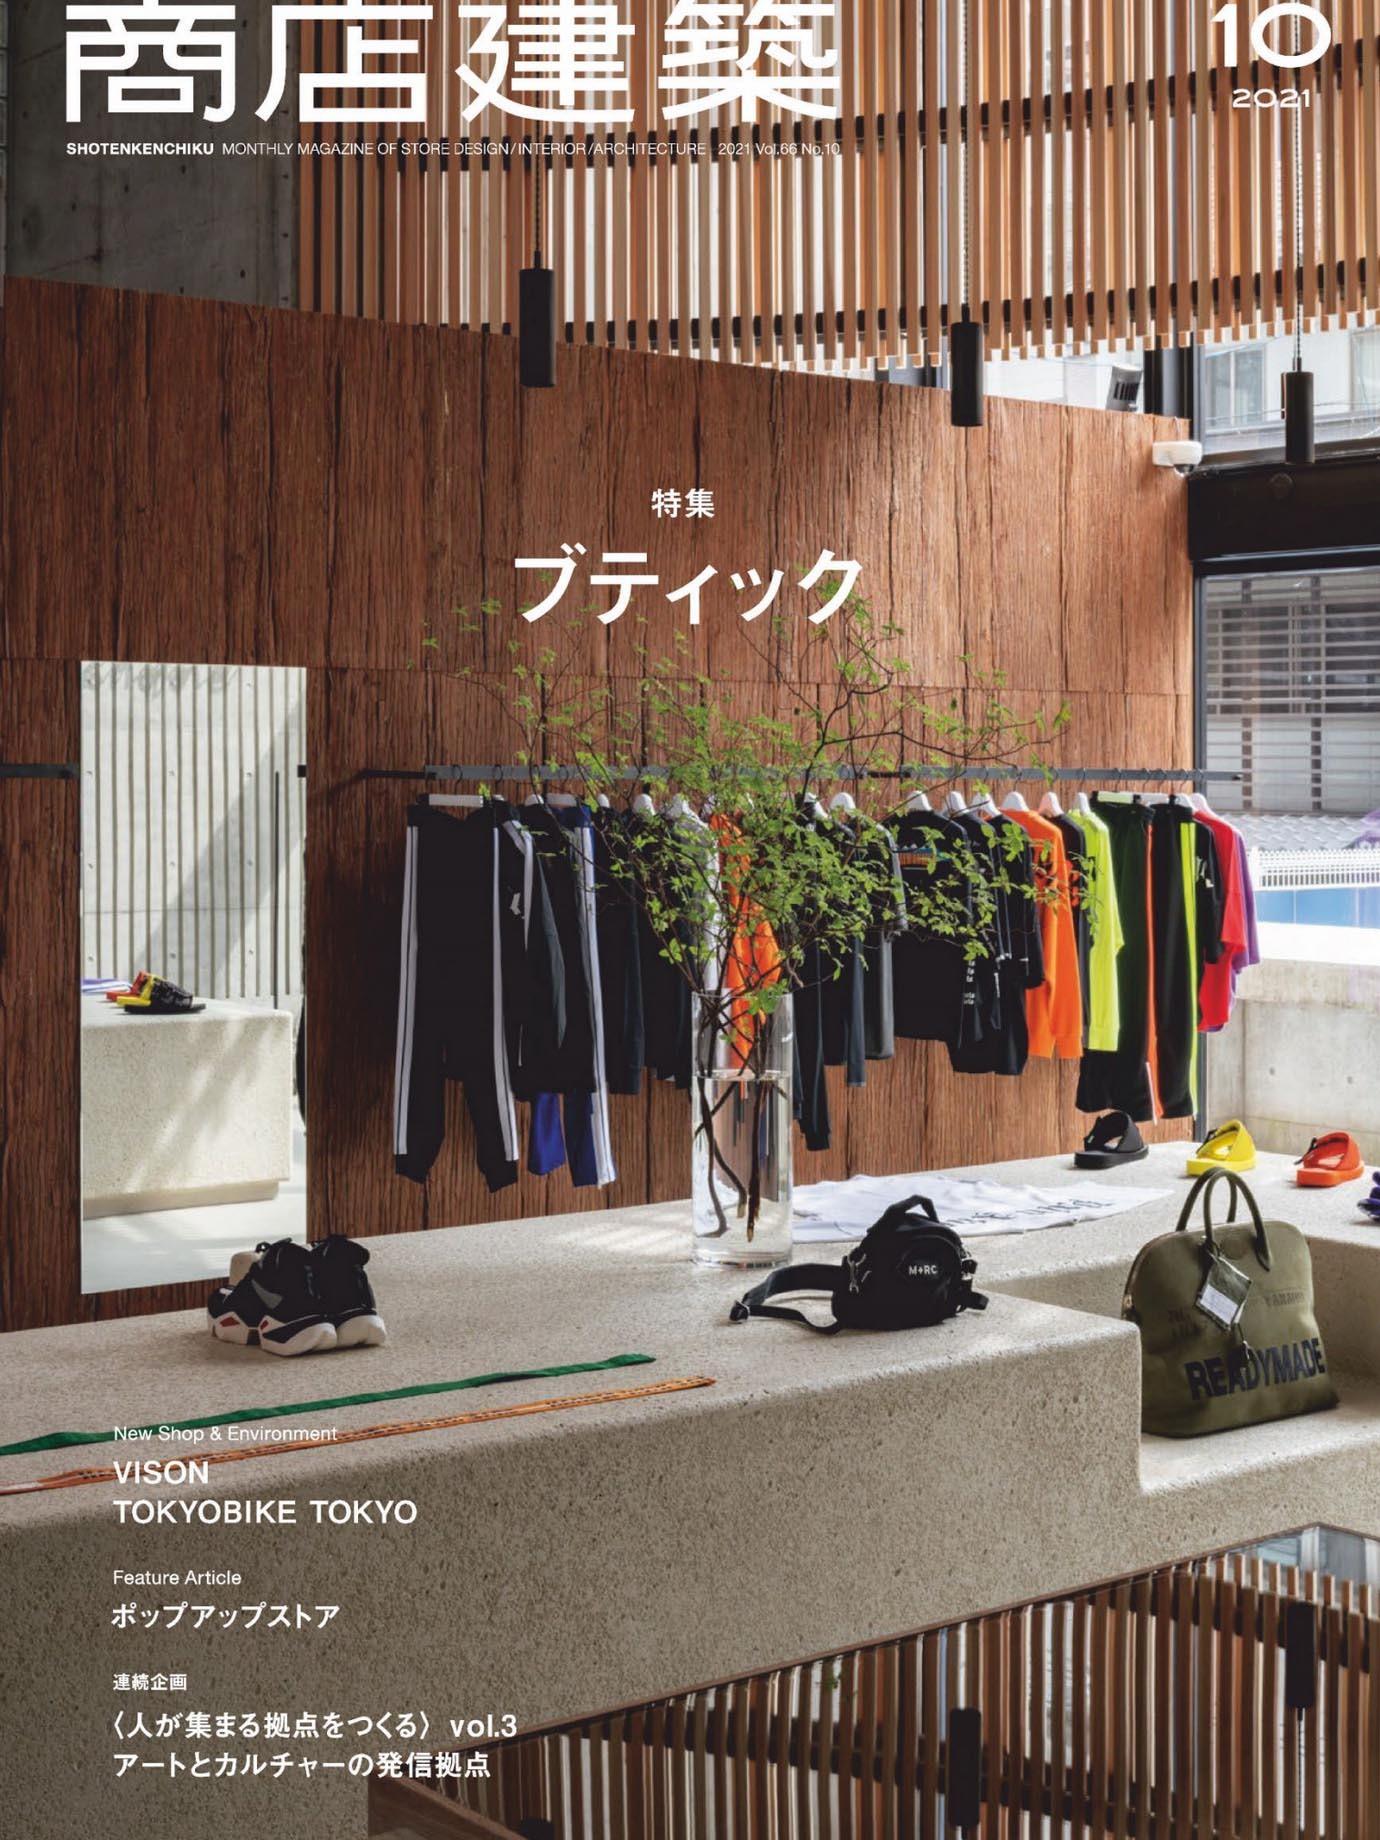 《商店建筑Shotenkenchiku》日本版店面室内设计杂志2021年10月号